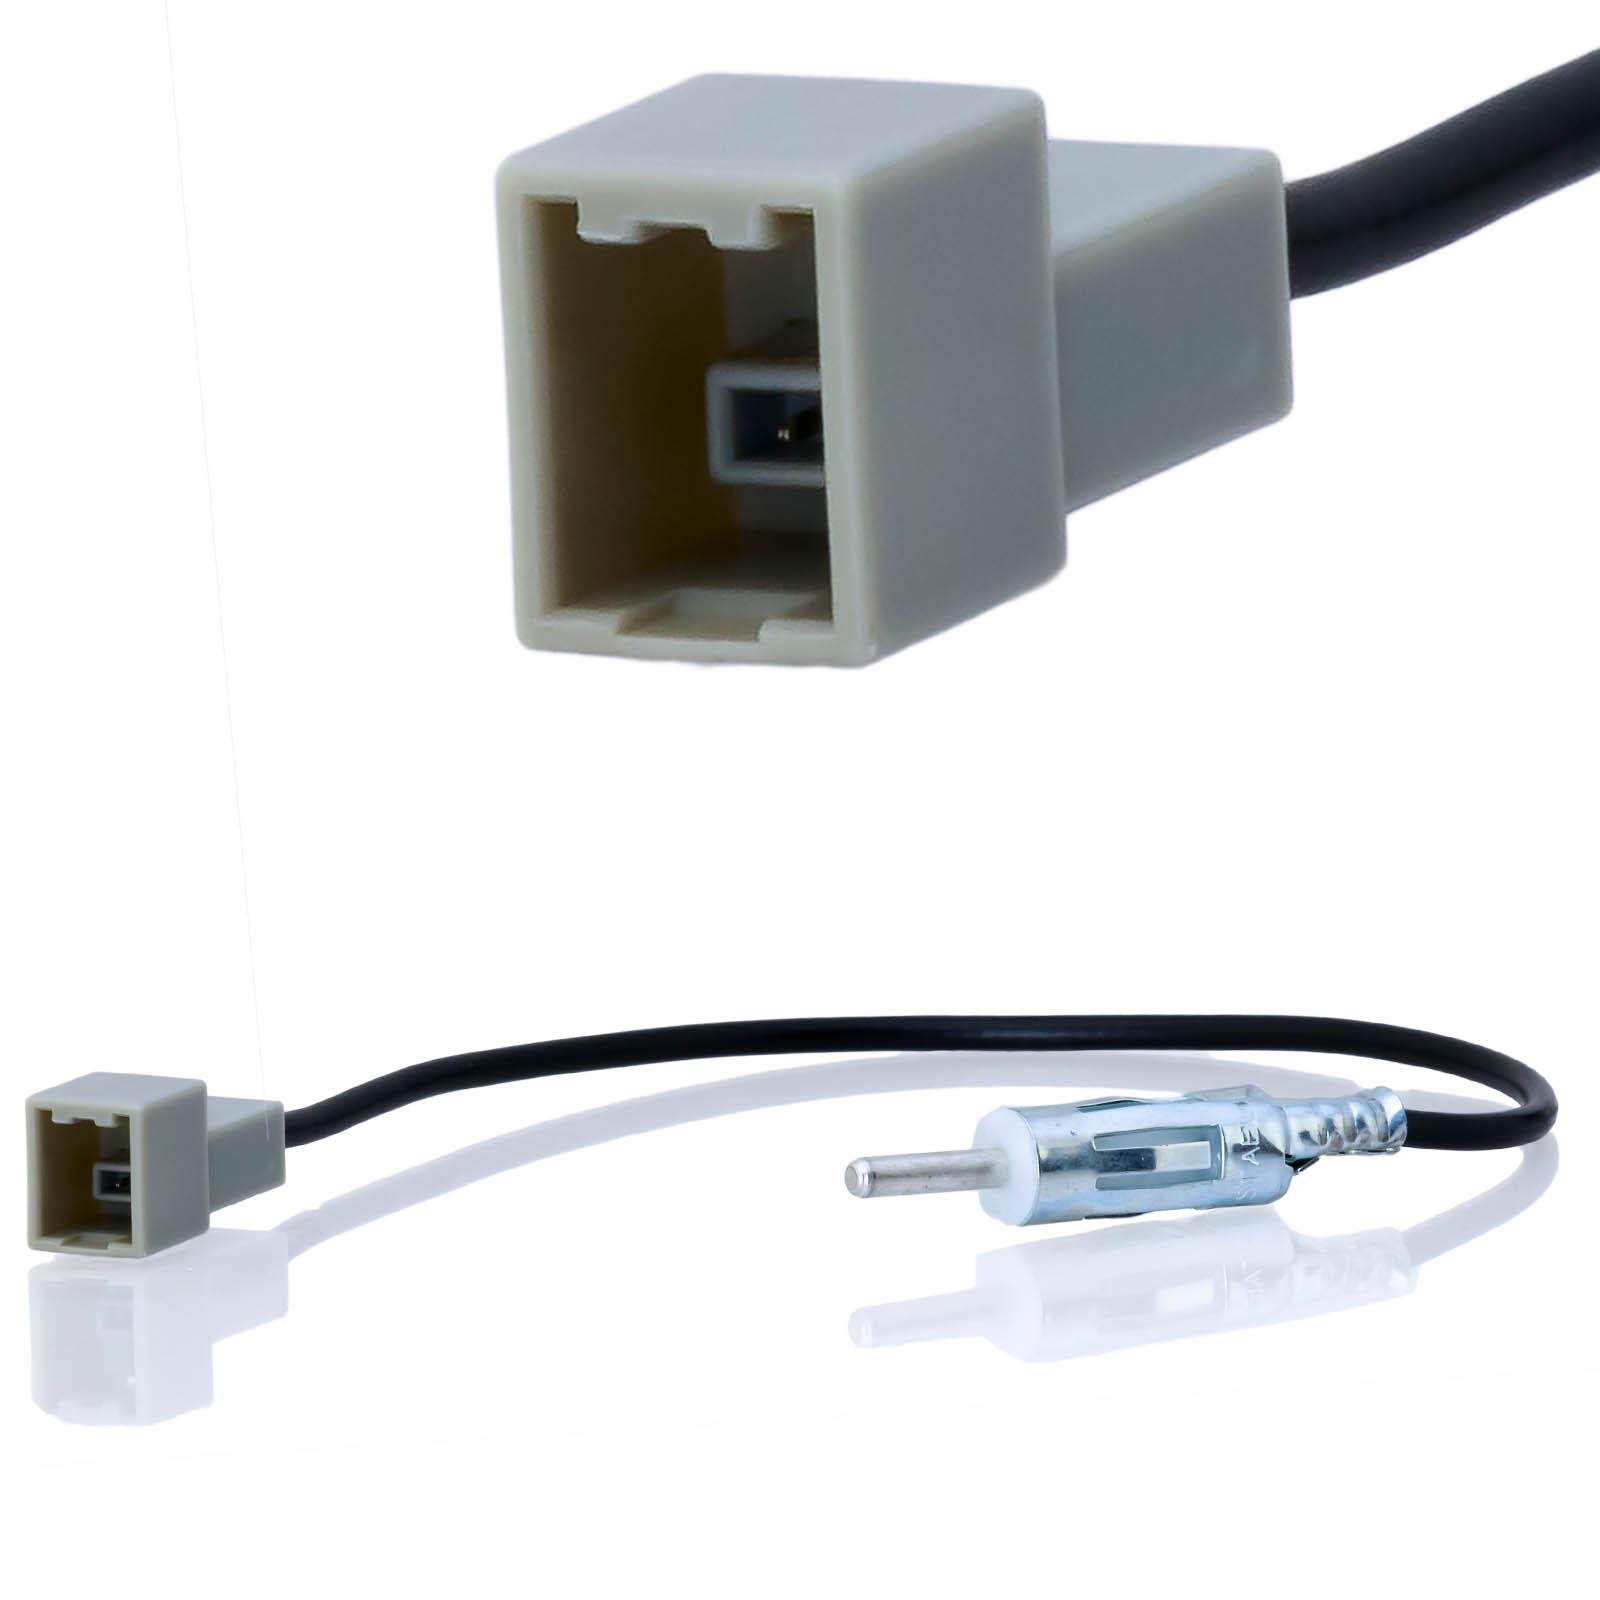 Antennenadapter GT13 für HYUNDAI KIA Modelle auf DIN Stecker